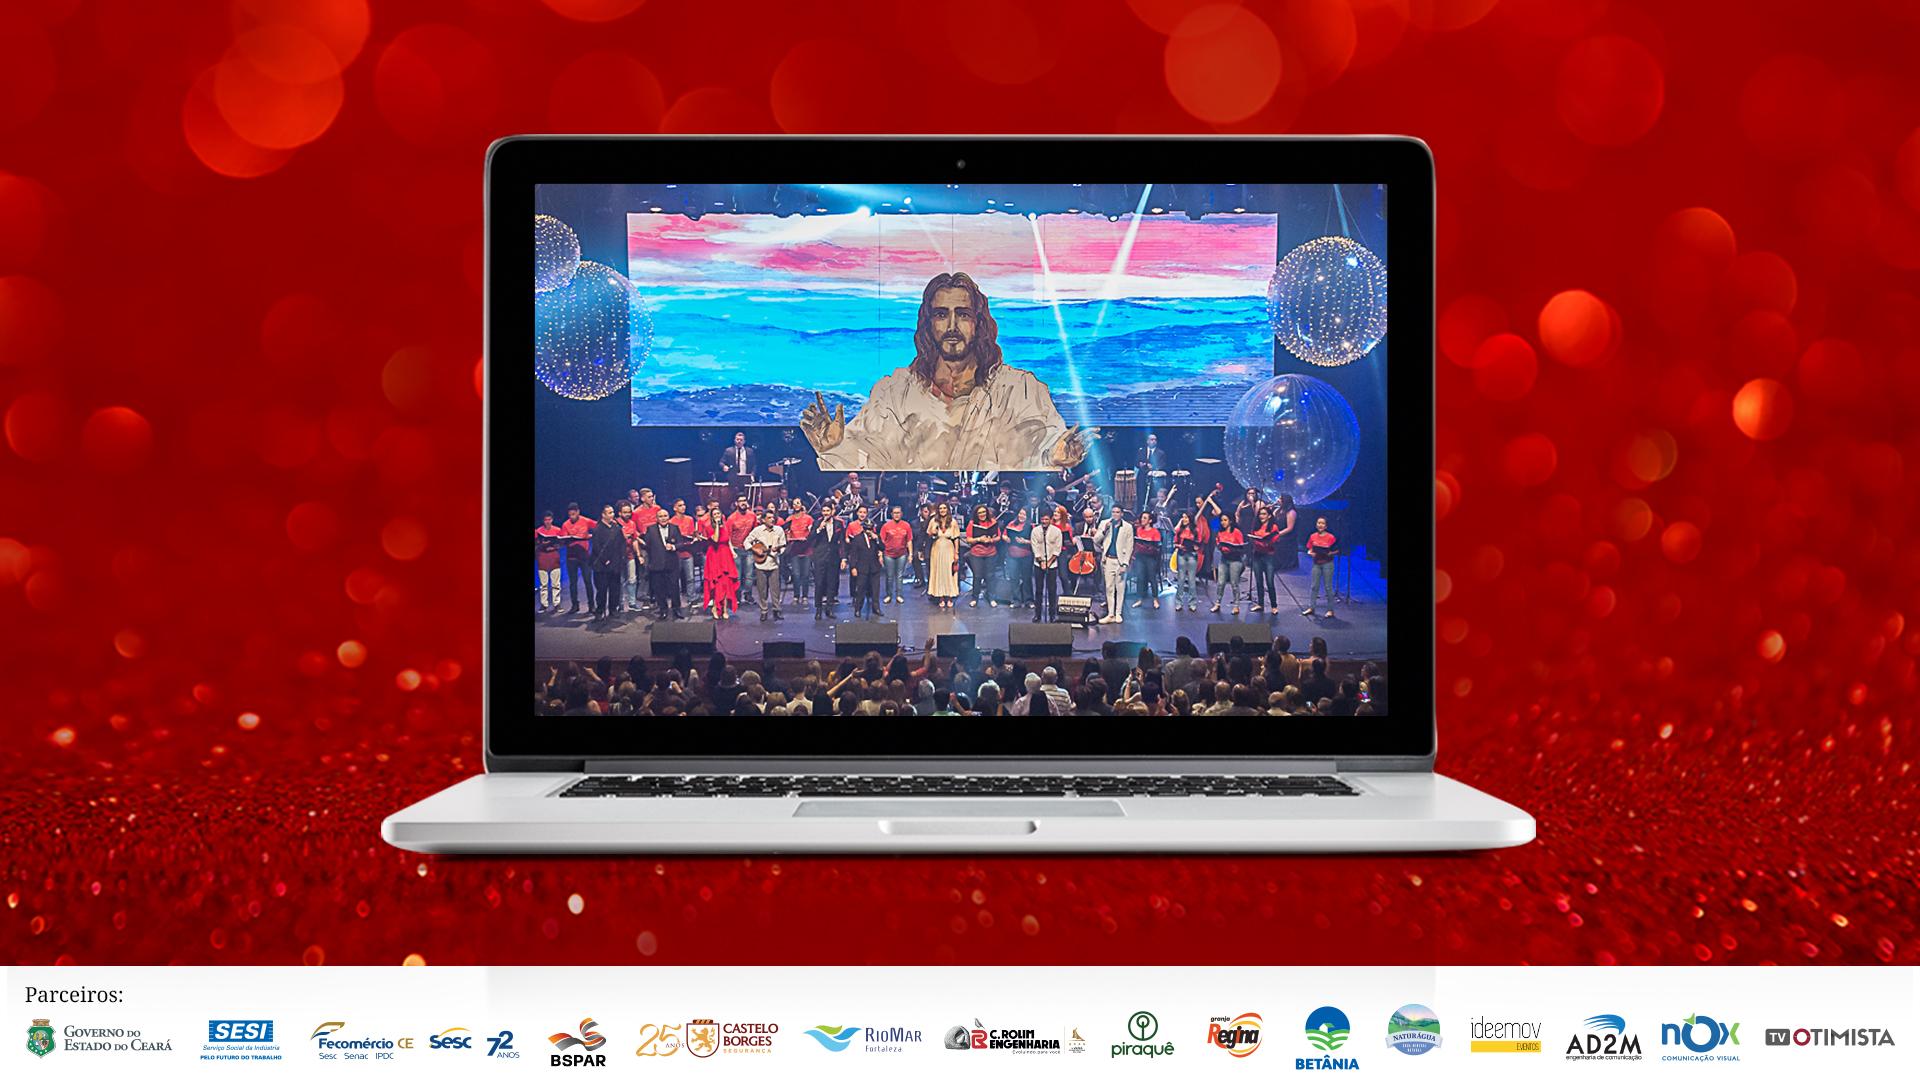 Anjos do Natal 2020: onde assistir ao vivo e como ajudar